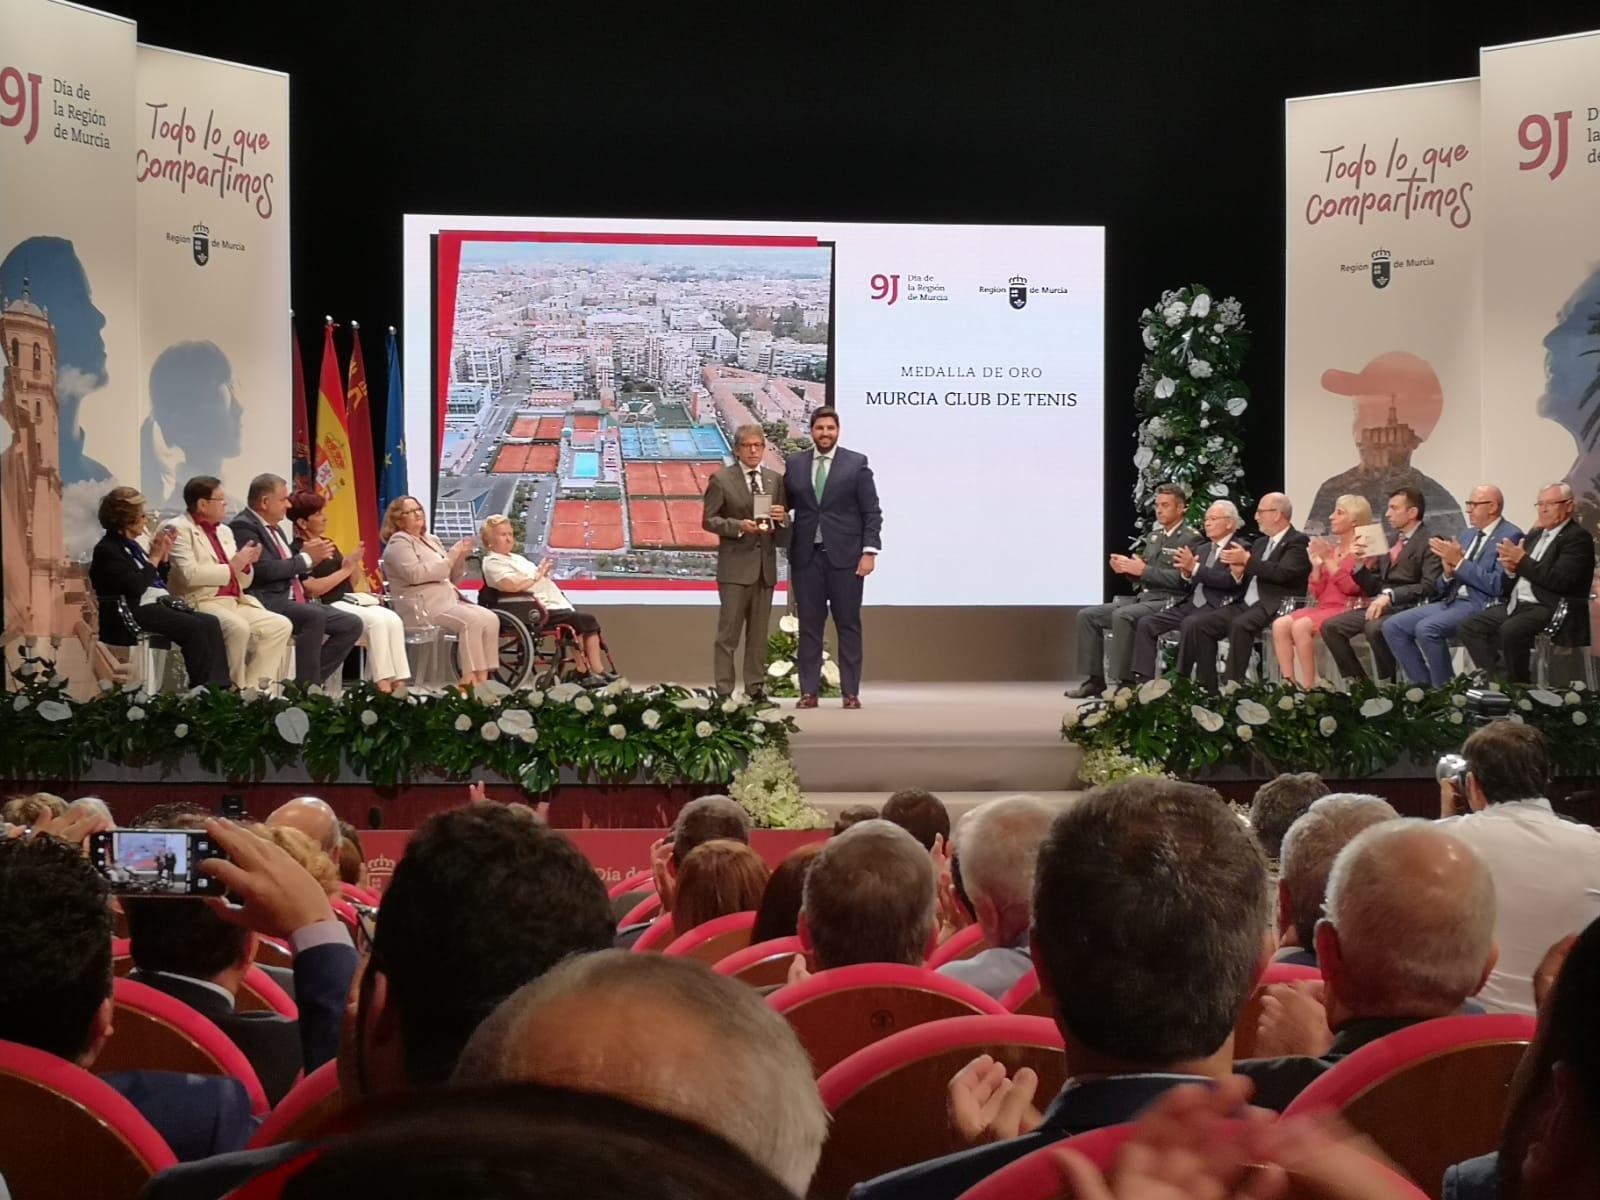 El club recibió, de manos de López Miras, la Medalla de Oro de la Región de Murcia.